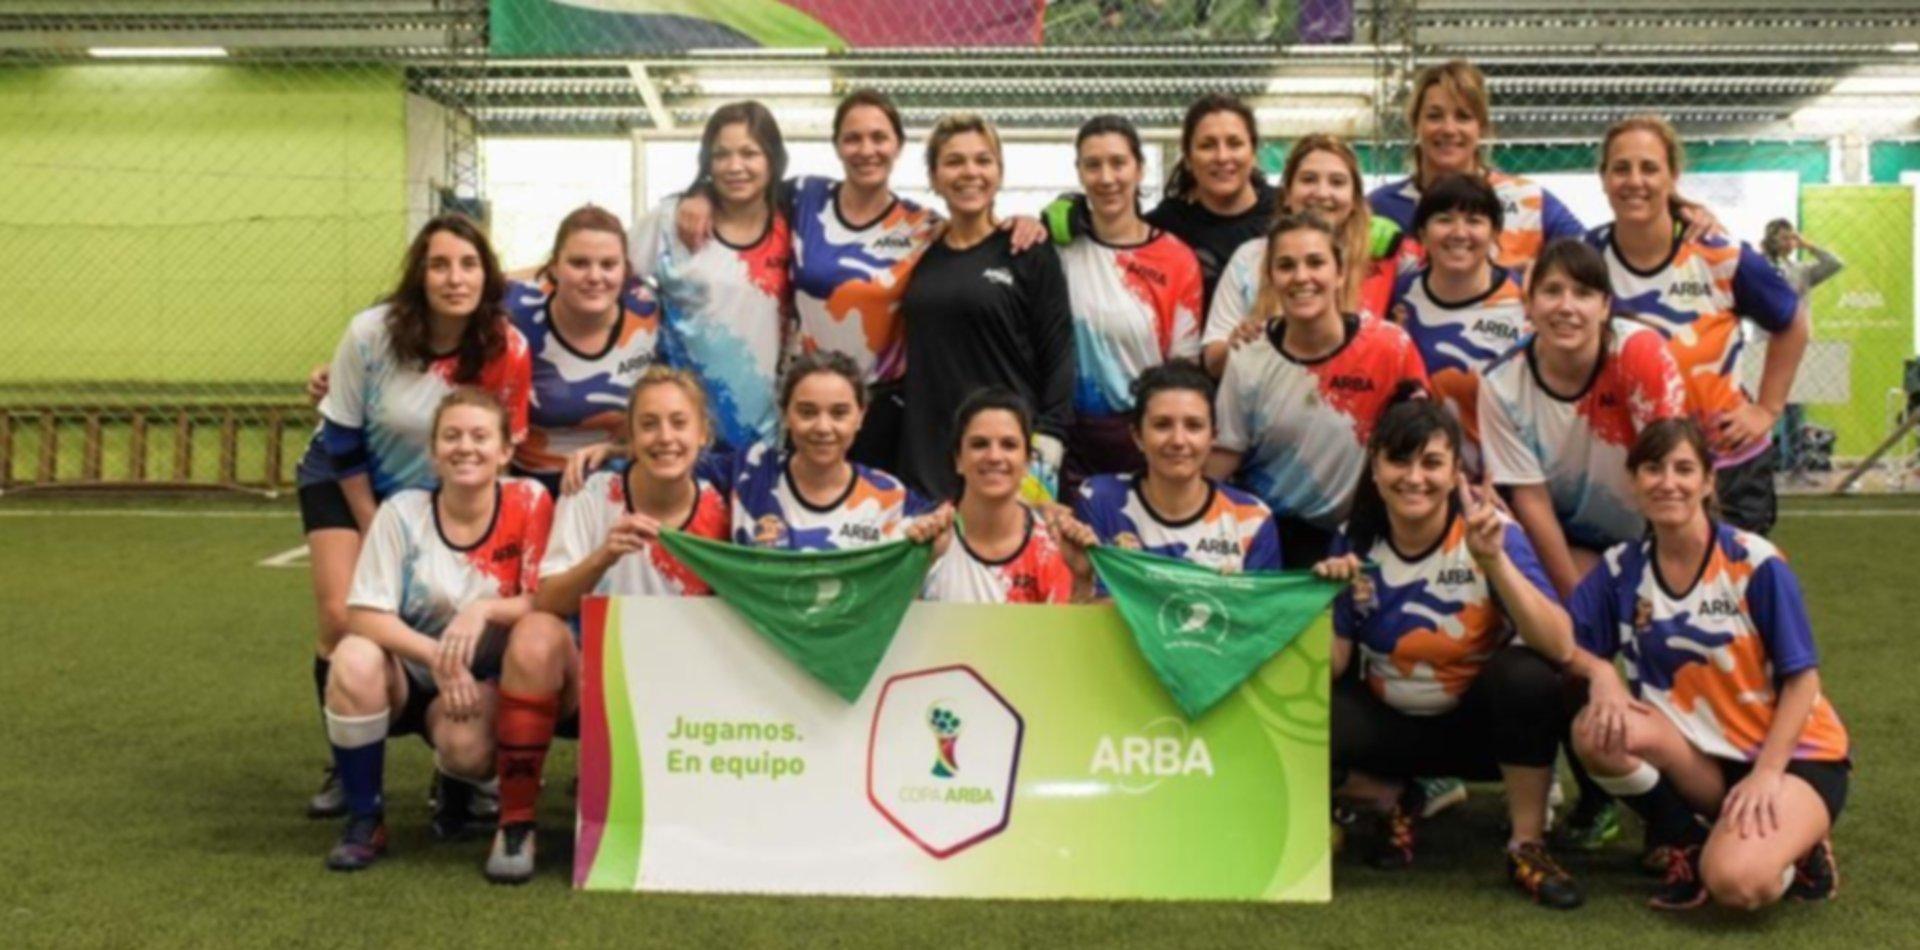 El fútbol femenino ya es profesional y también crece en ARBA